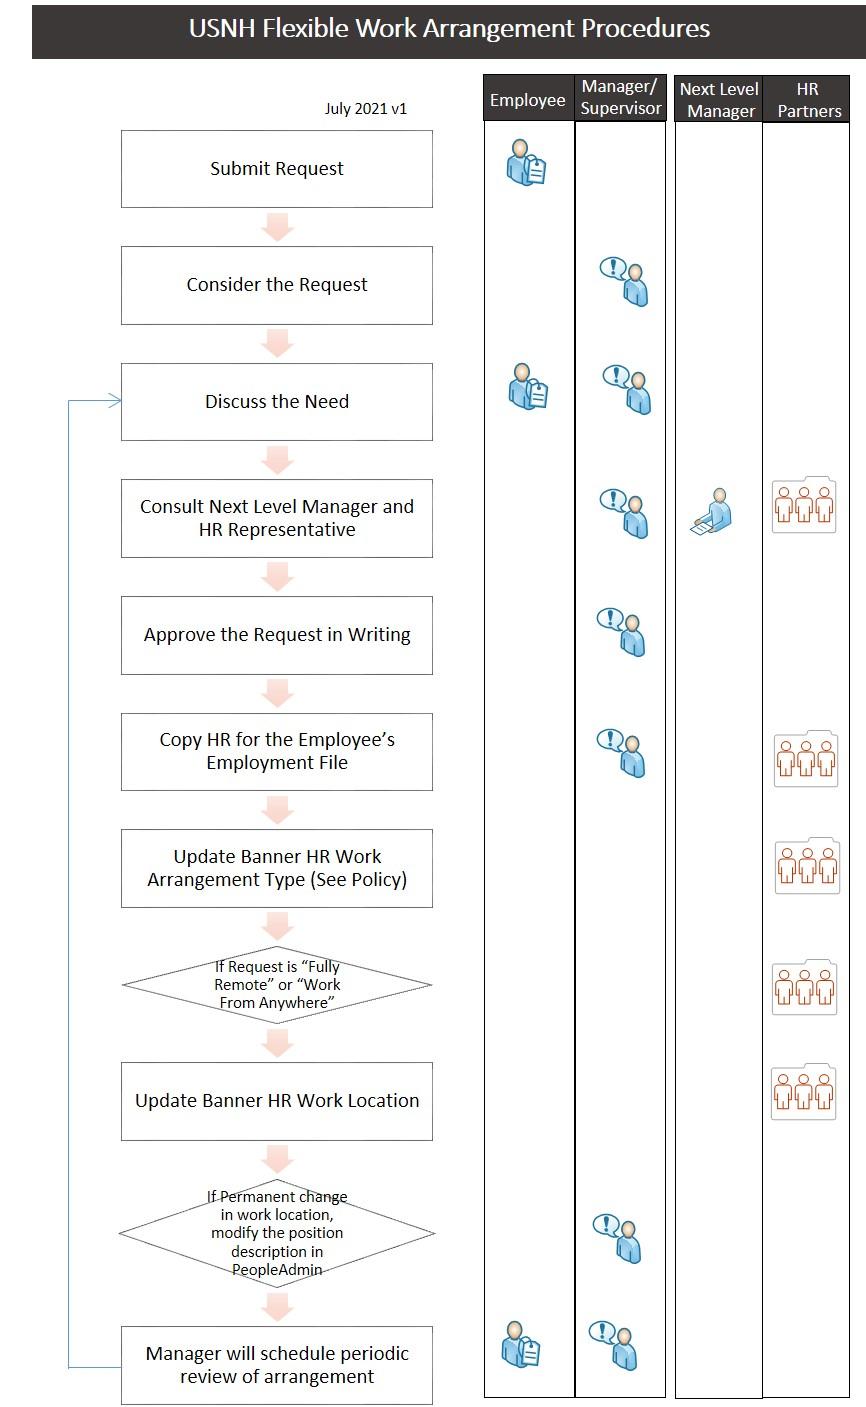 image of flexible work arrangement procedures